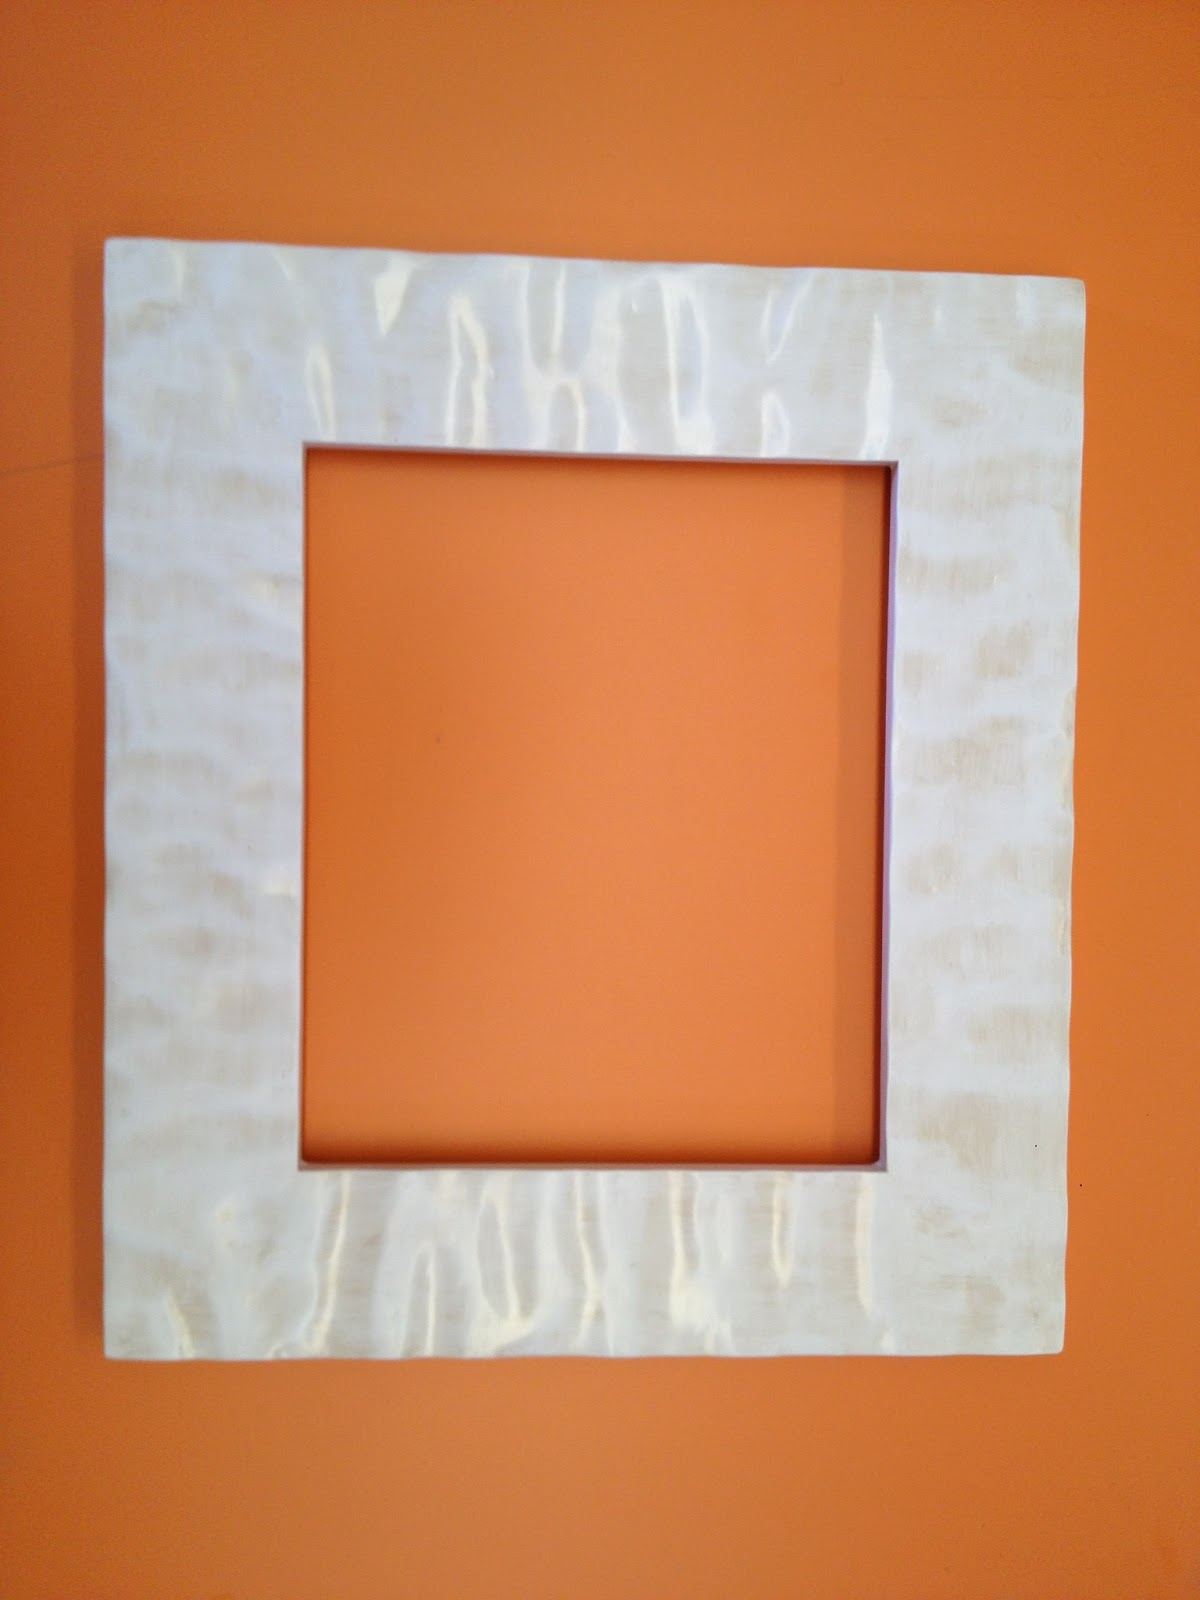 Kino marcos molduras marcos para cuadros enmarcacion - Enmarcar sin marco ...